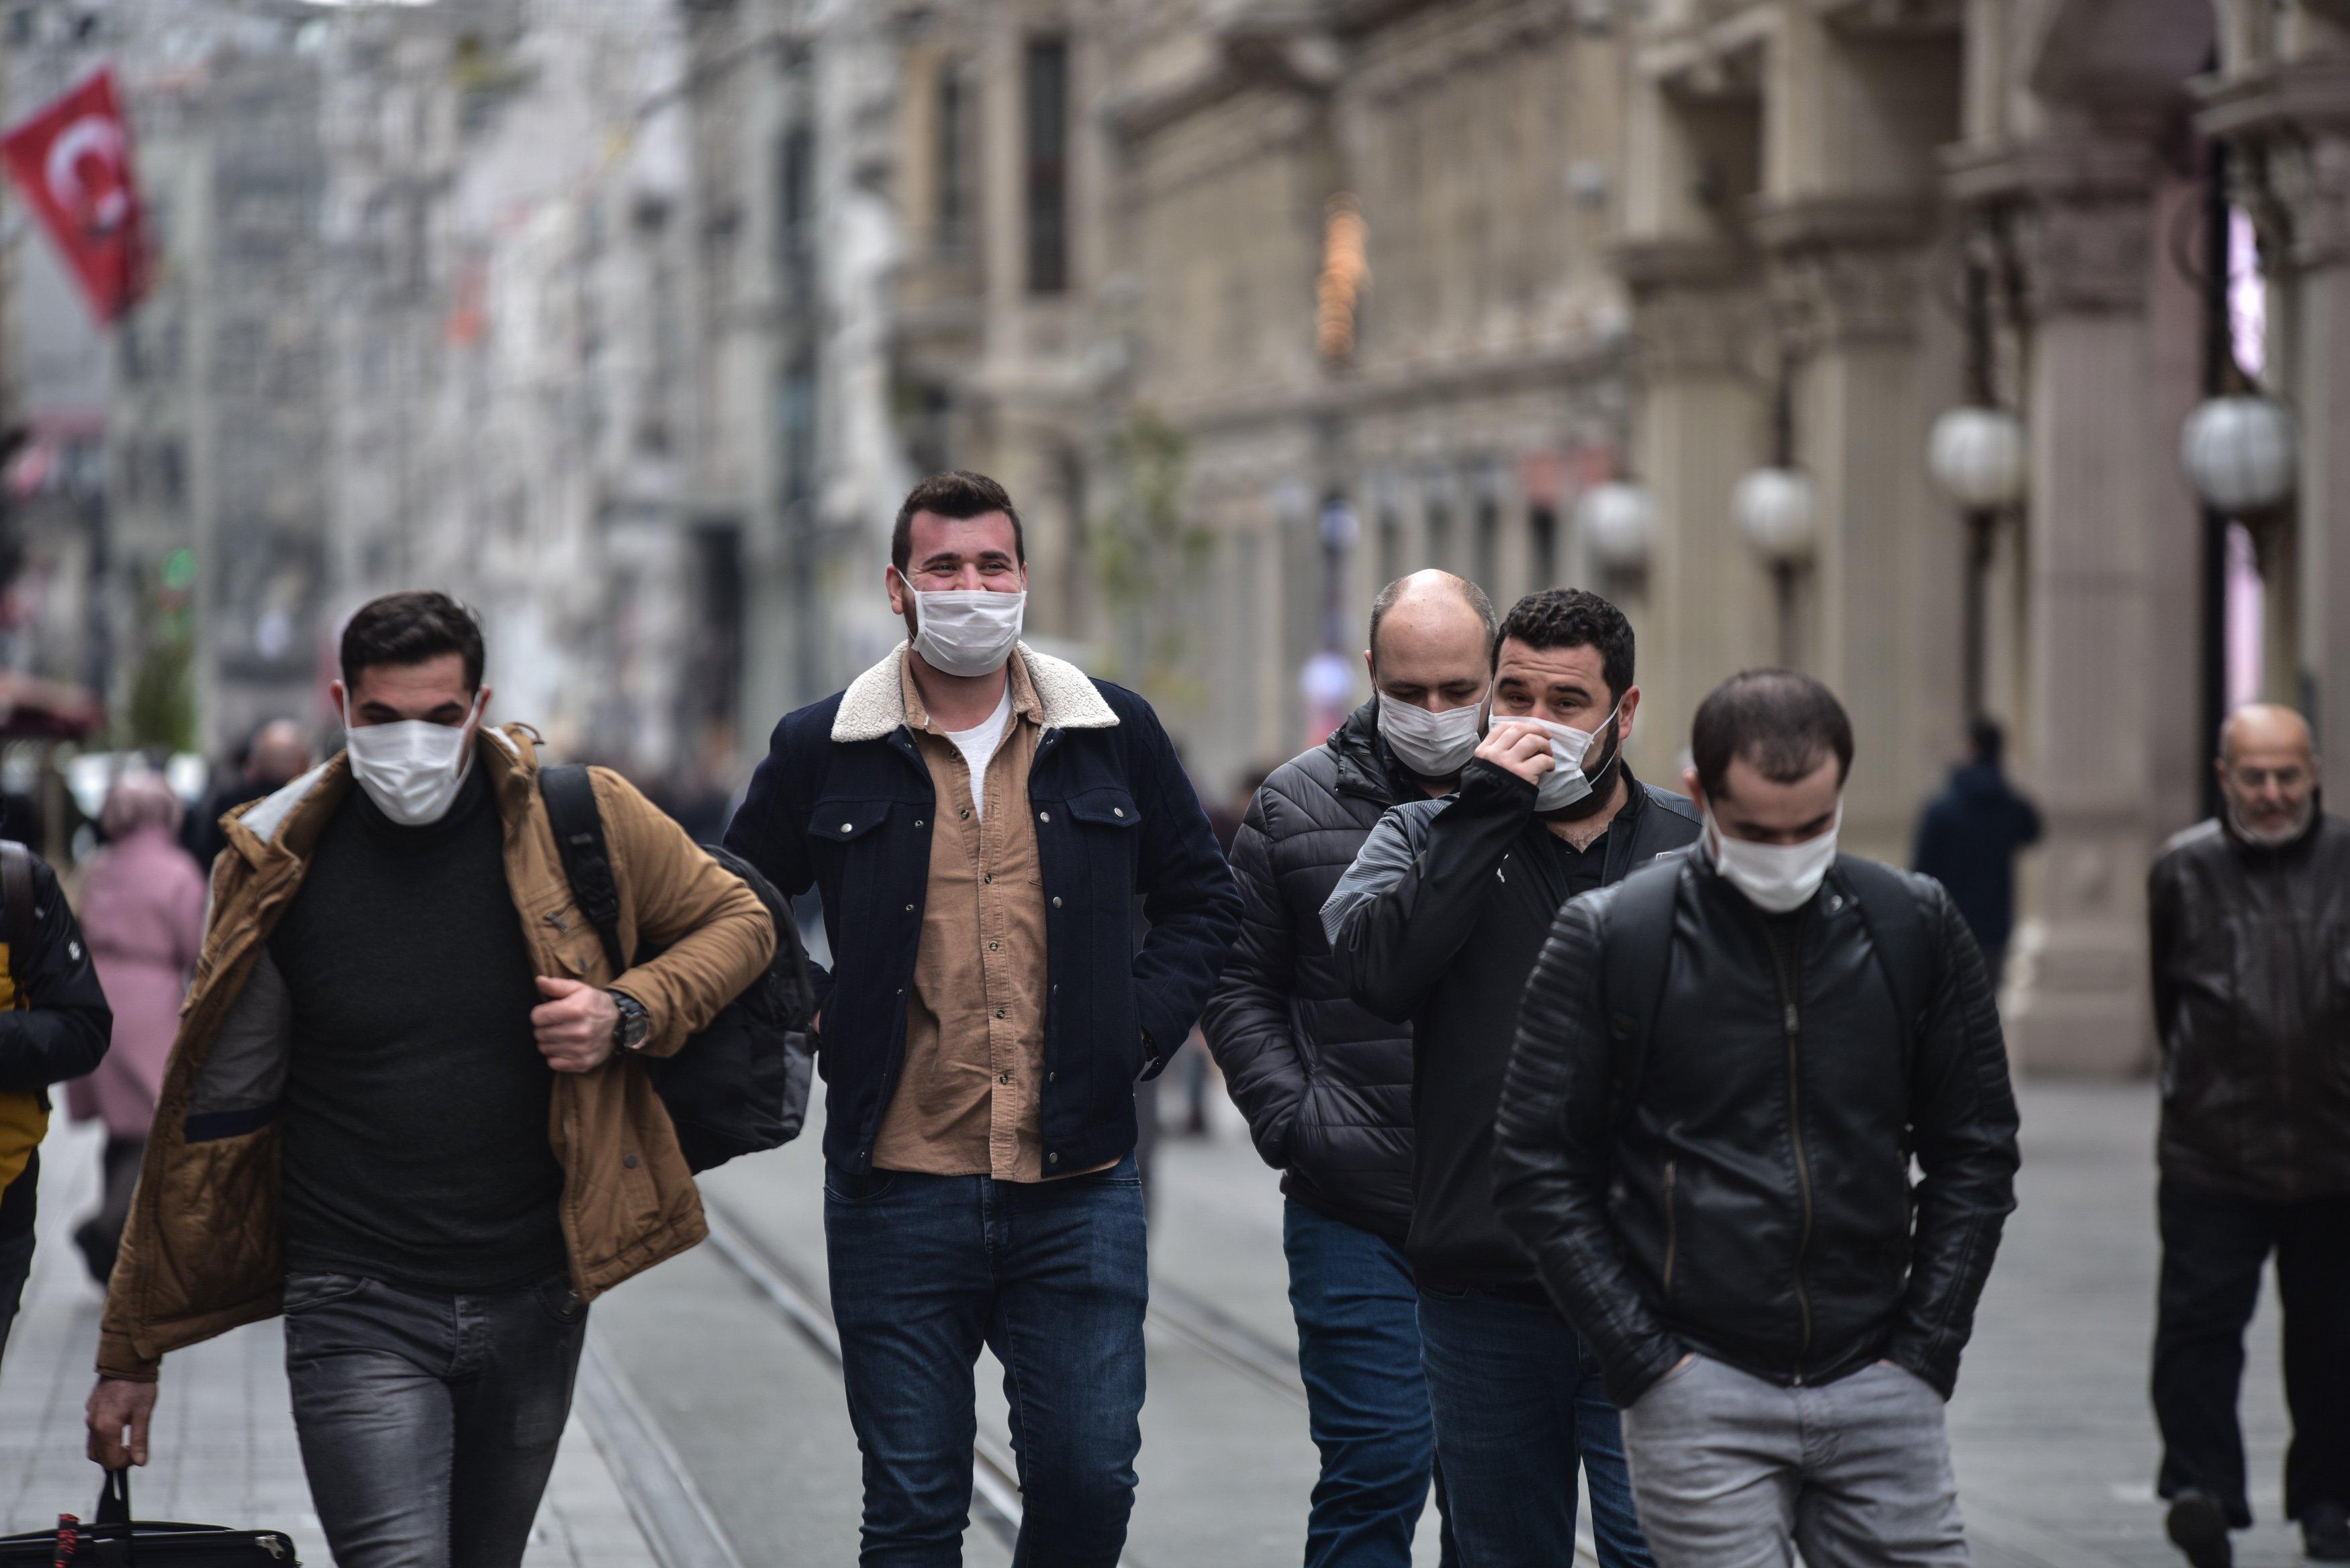 كيف تمكنت تركيا من السيطرة على فيروس كورونا وأرقام الموت المنخفضة؟